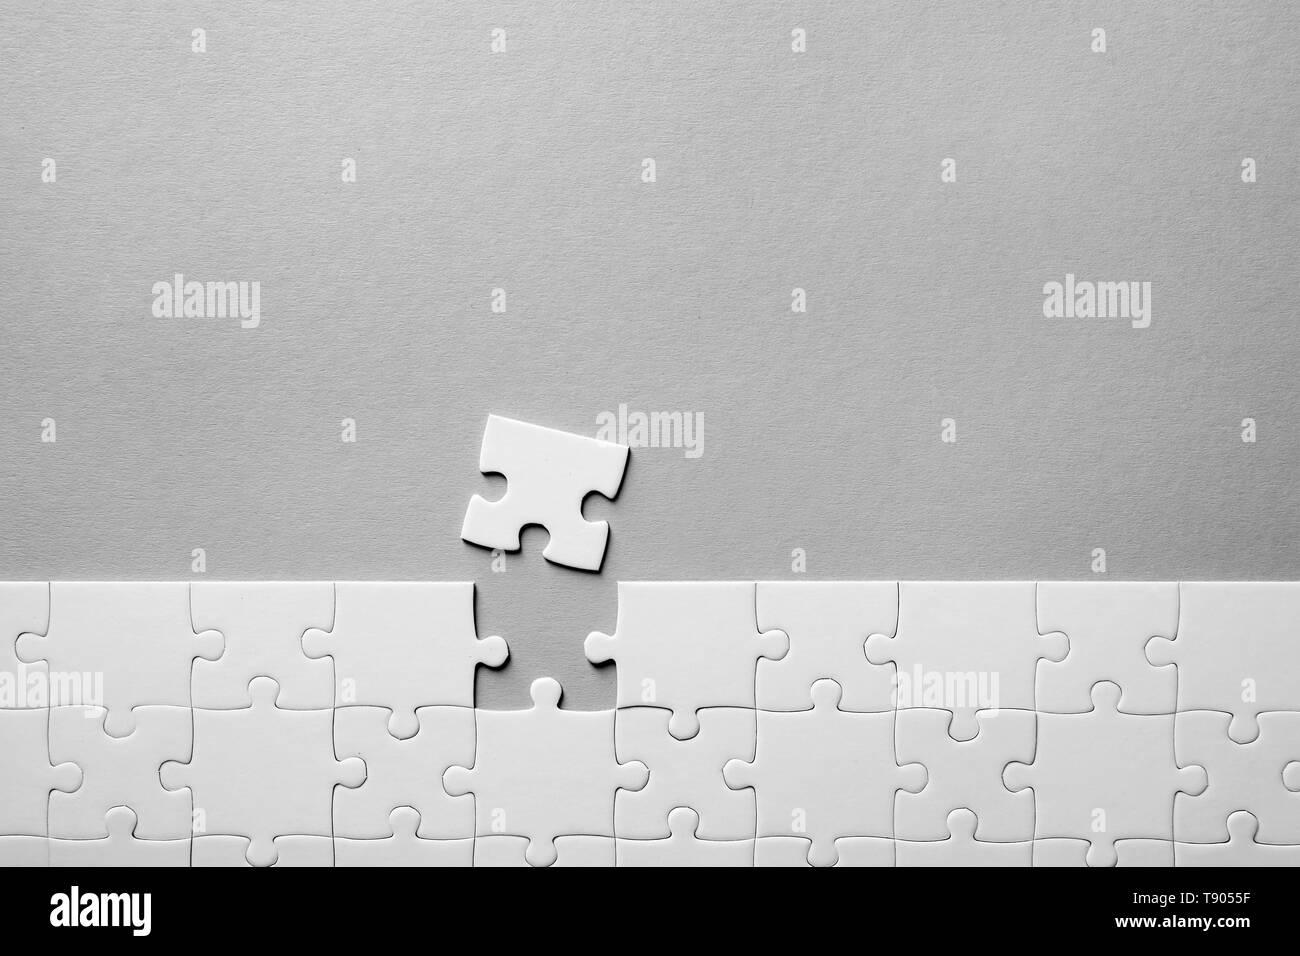 Jigsaw puzzle on light background - Stock Image